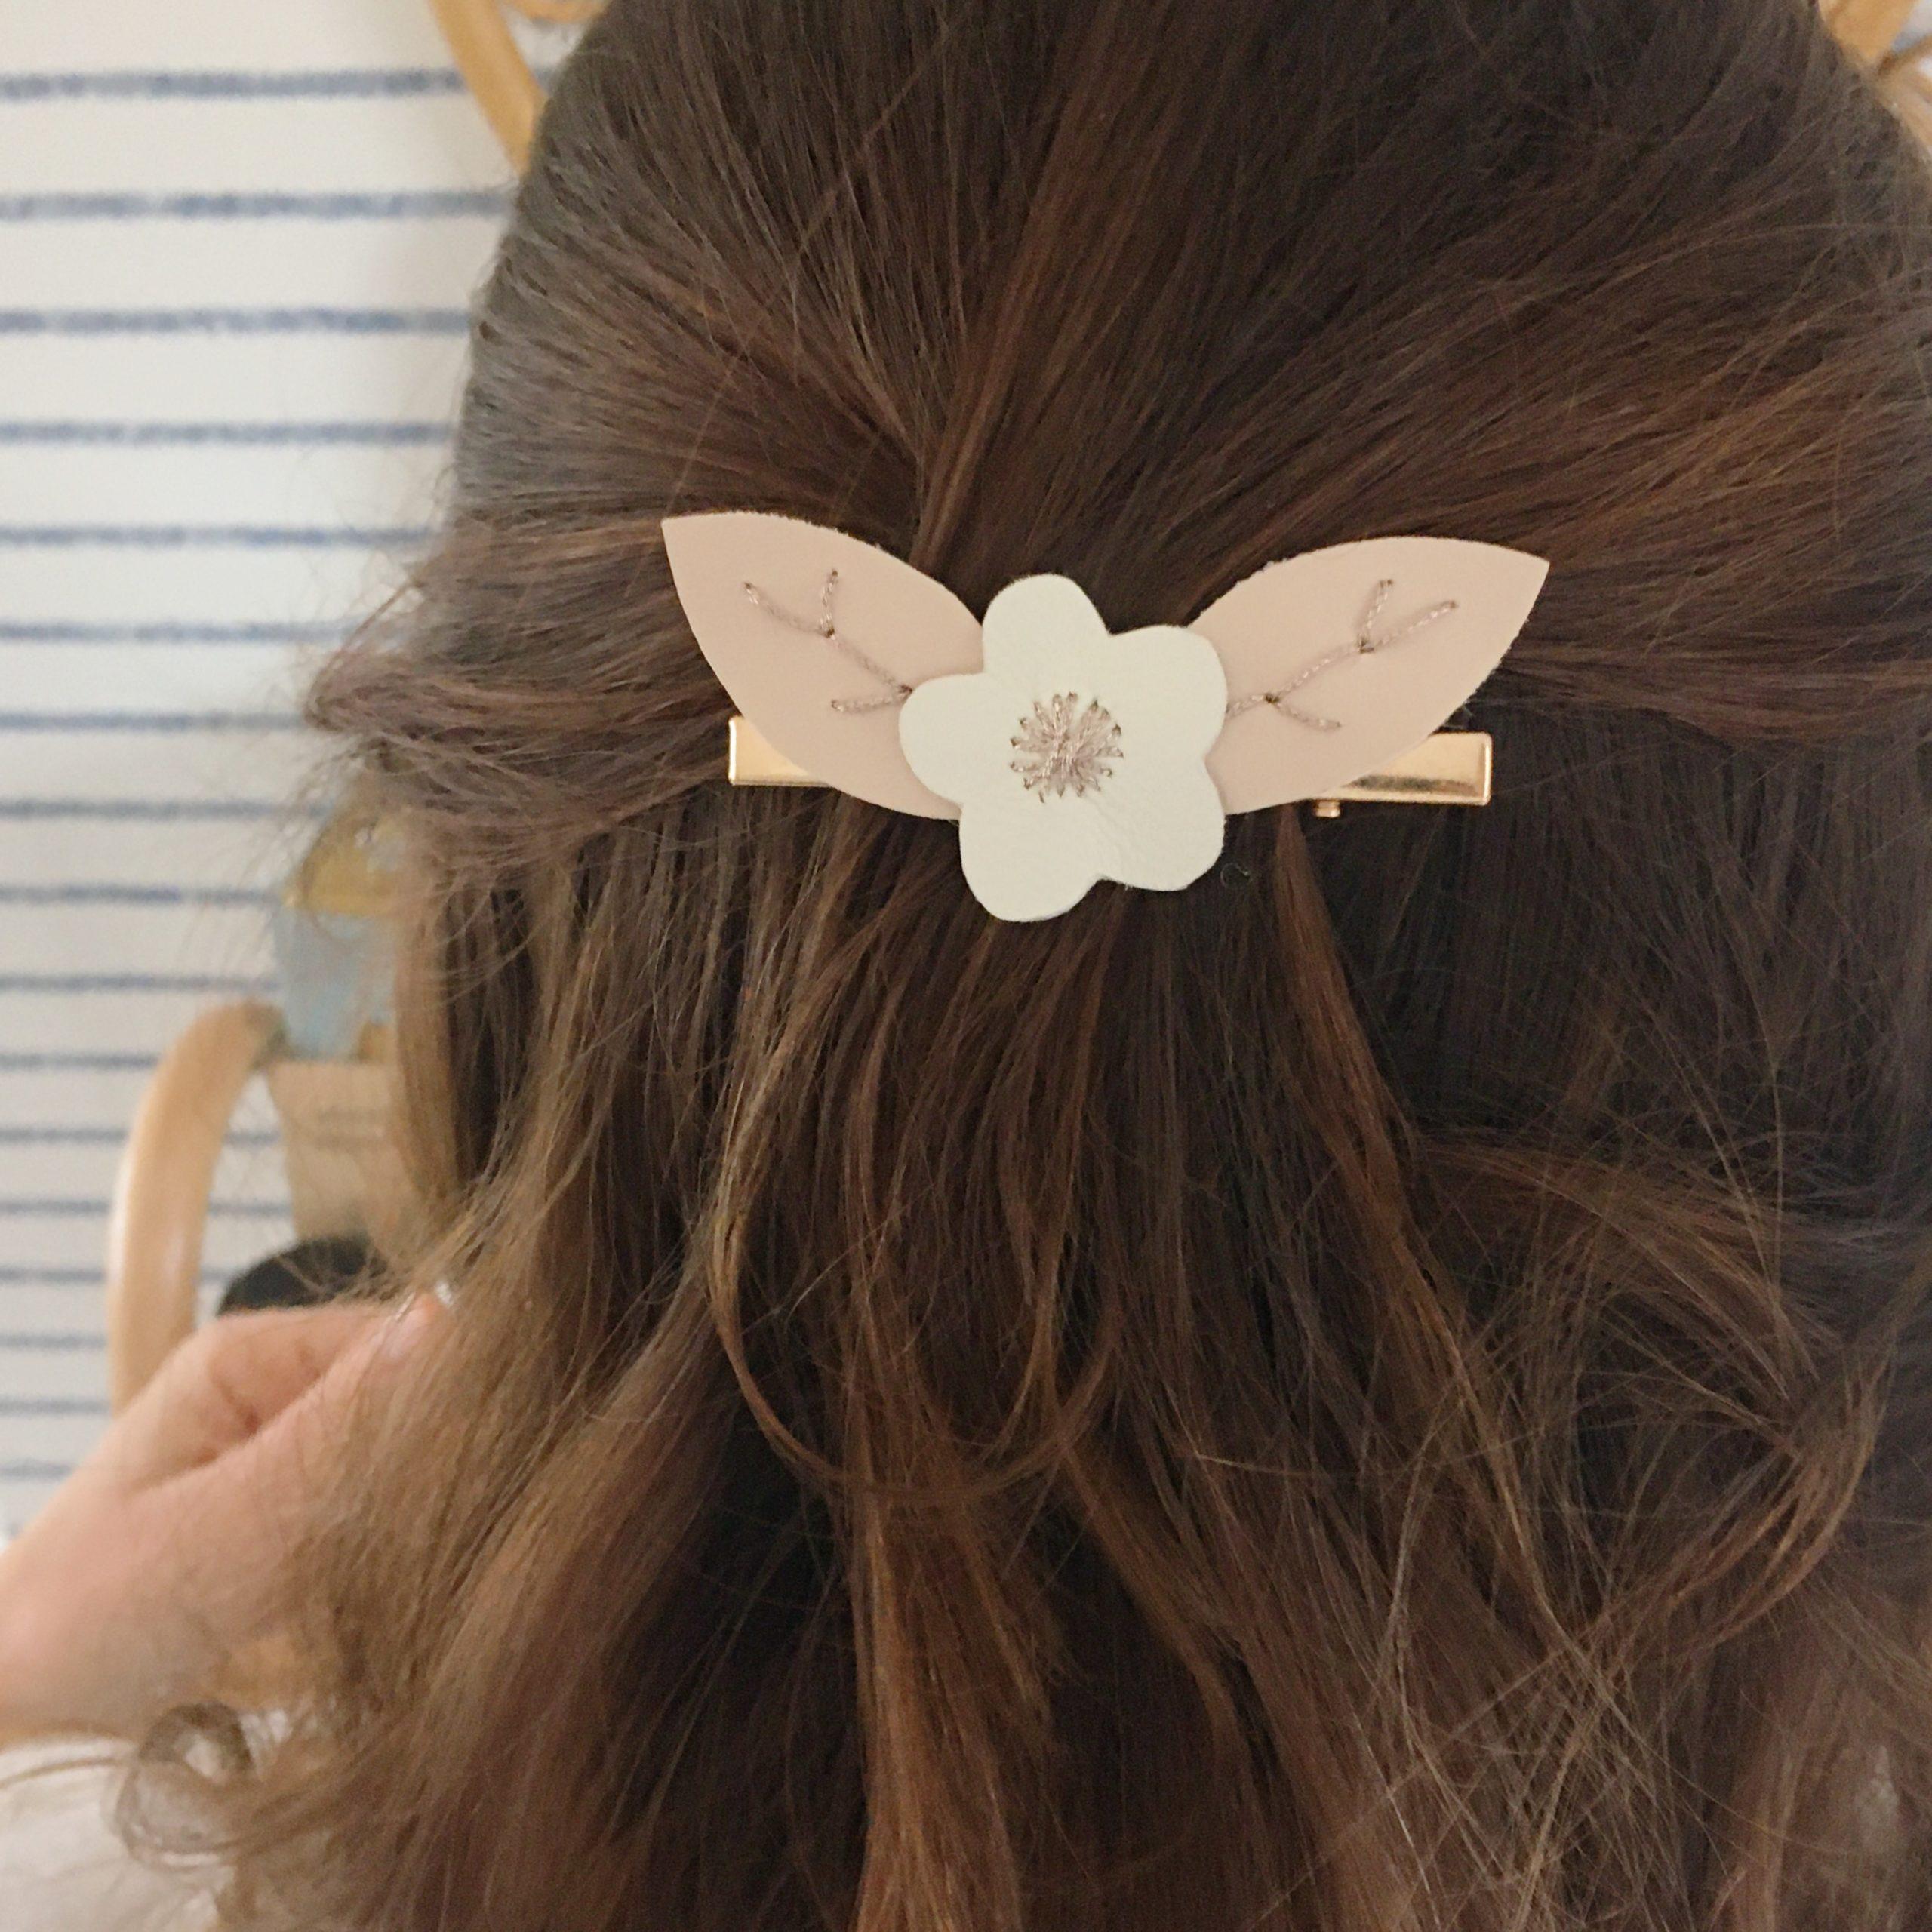 pince cheveux femme mariage personnalisé en cuir brodé main - du vent dans mes valises